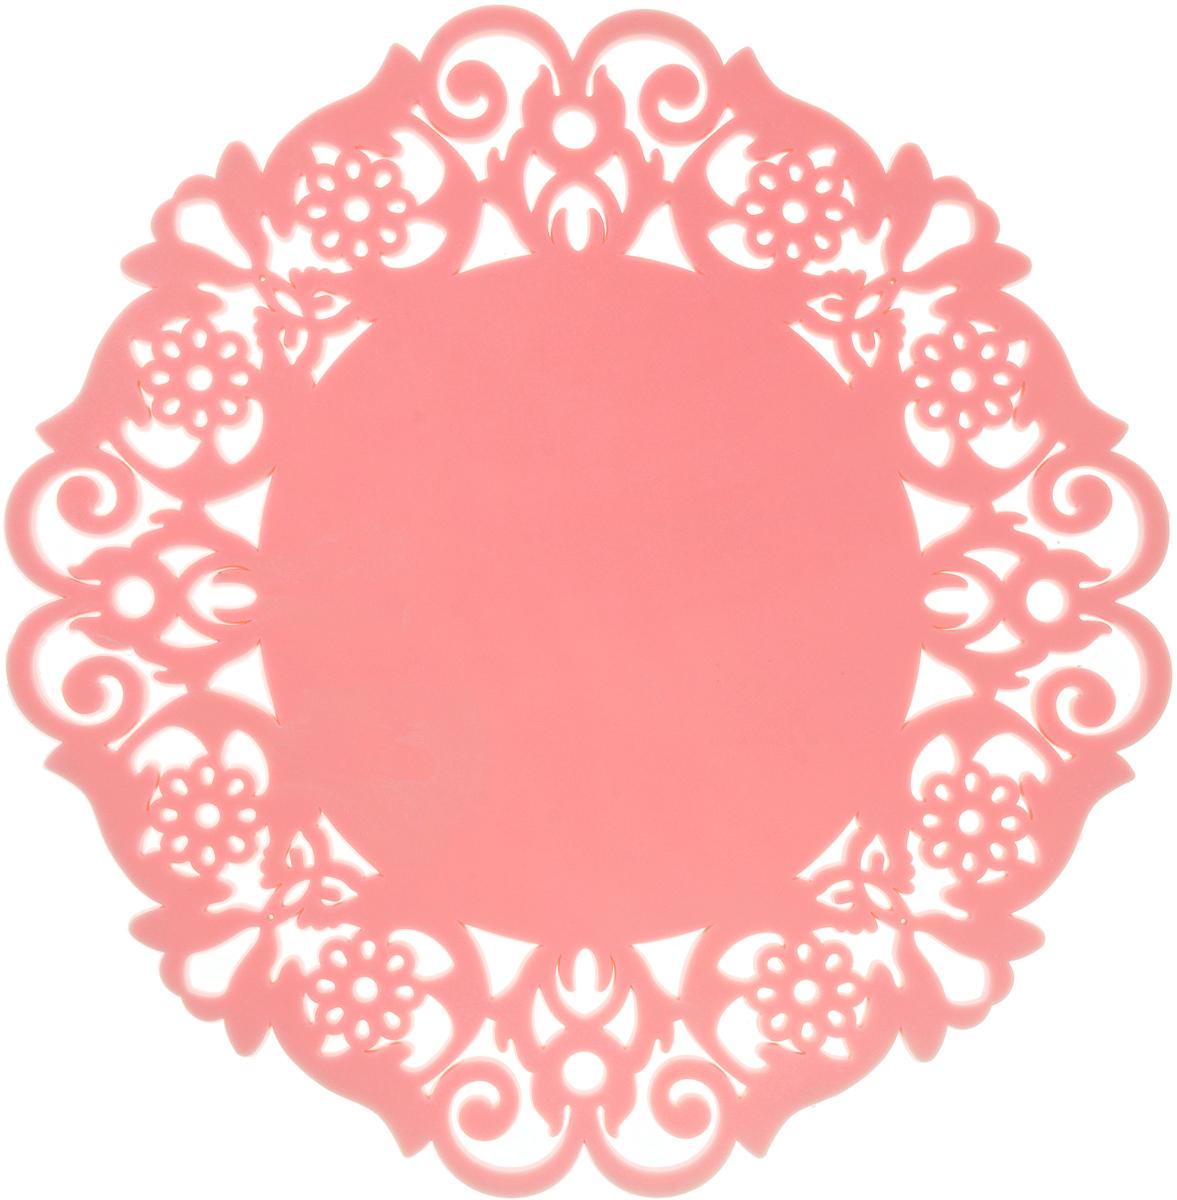 Подставка под горячее Доляна Чаепитие, цвет: розовый, 16 см812070_розовыйСиликоновая подставка под горячее - практичный предмет, который обязательно пригодится в хозяйстве. Изделие поможет сберечь столы, тумбы, скатерти и клеенки от повреждения нагретыми сковородами, кастрюлями, чайниками и тарелками.